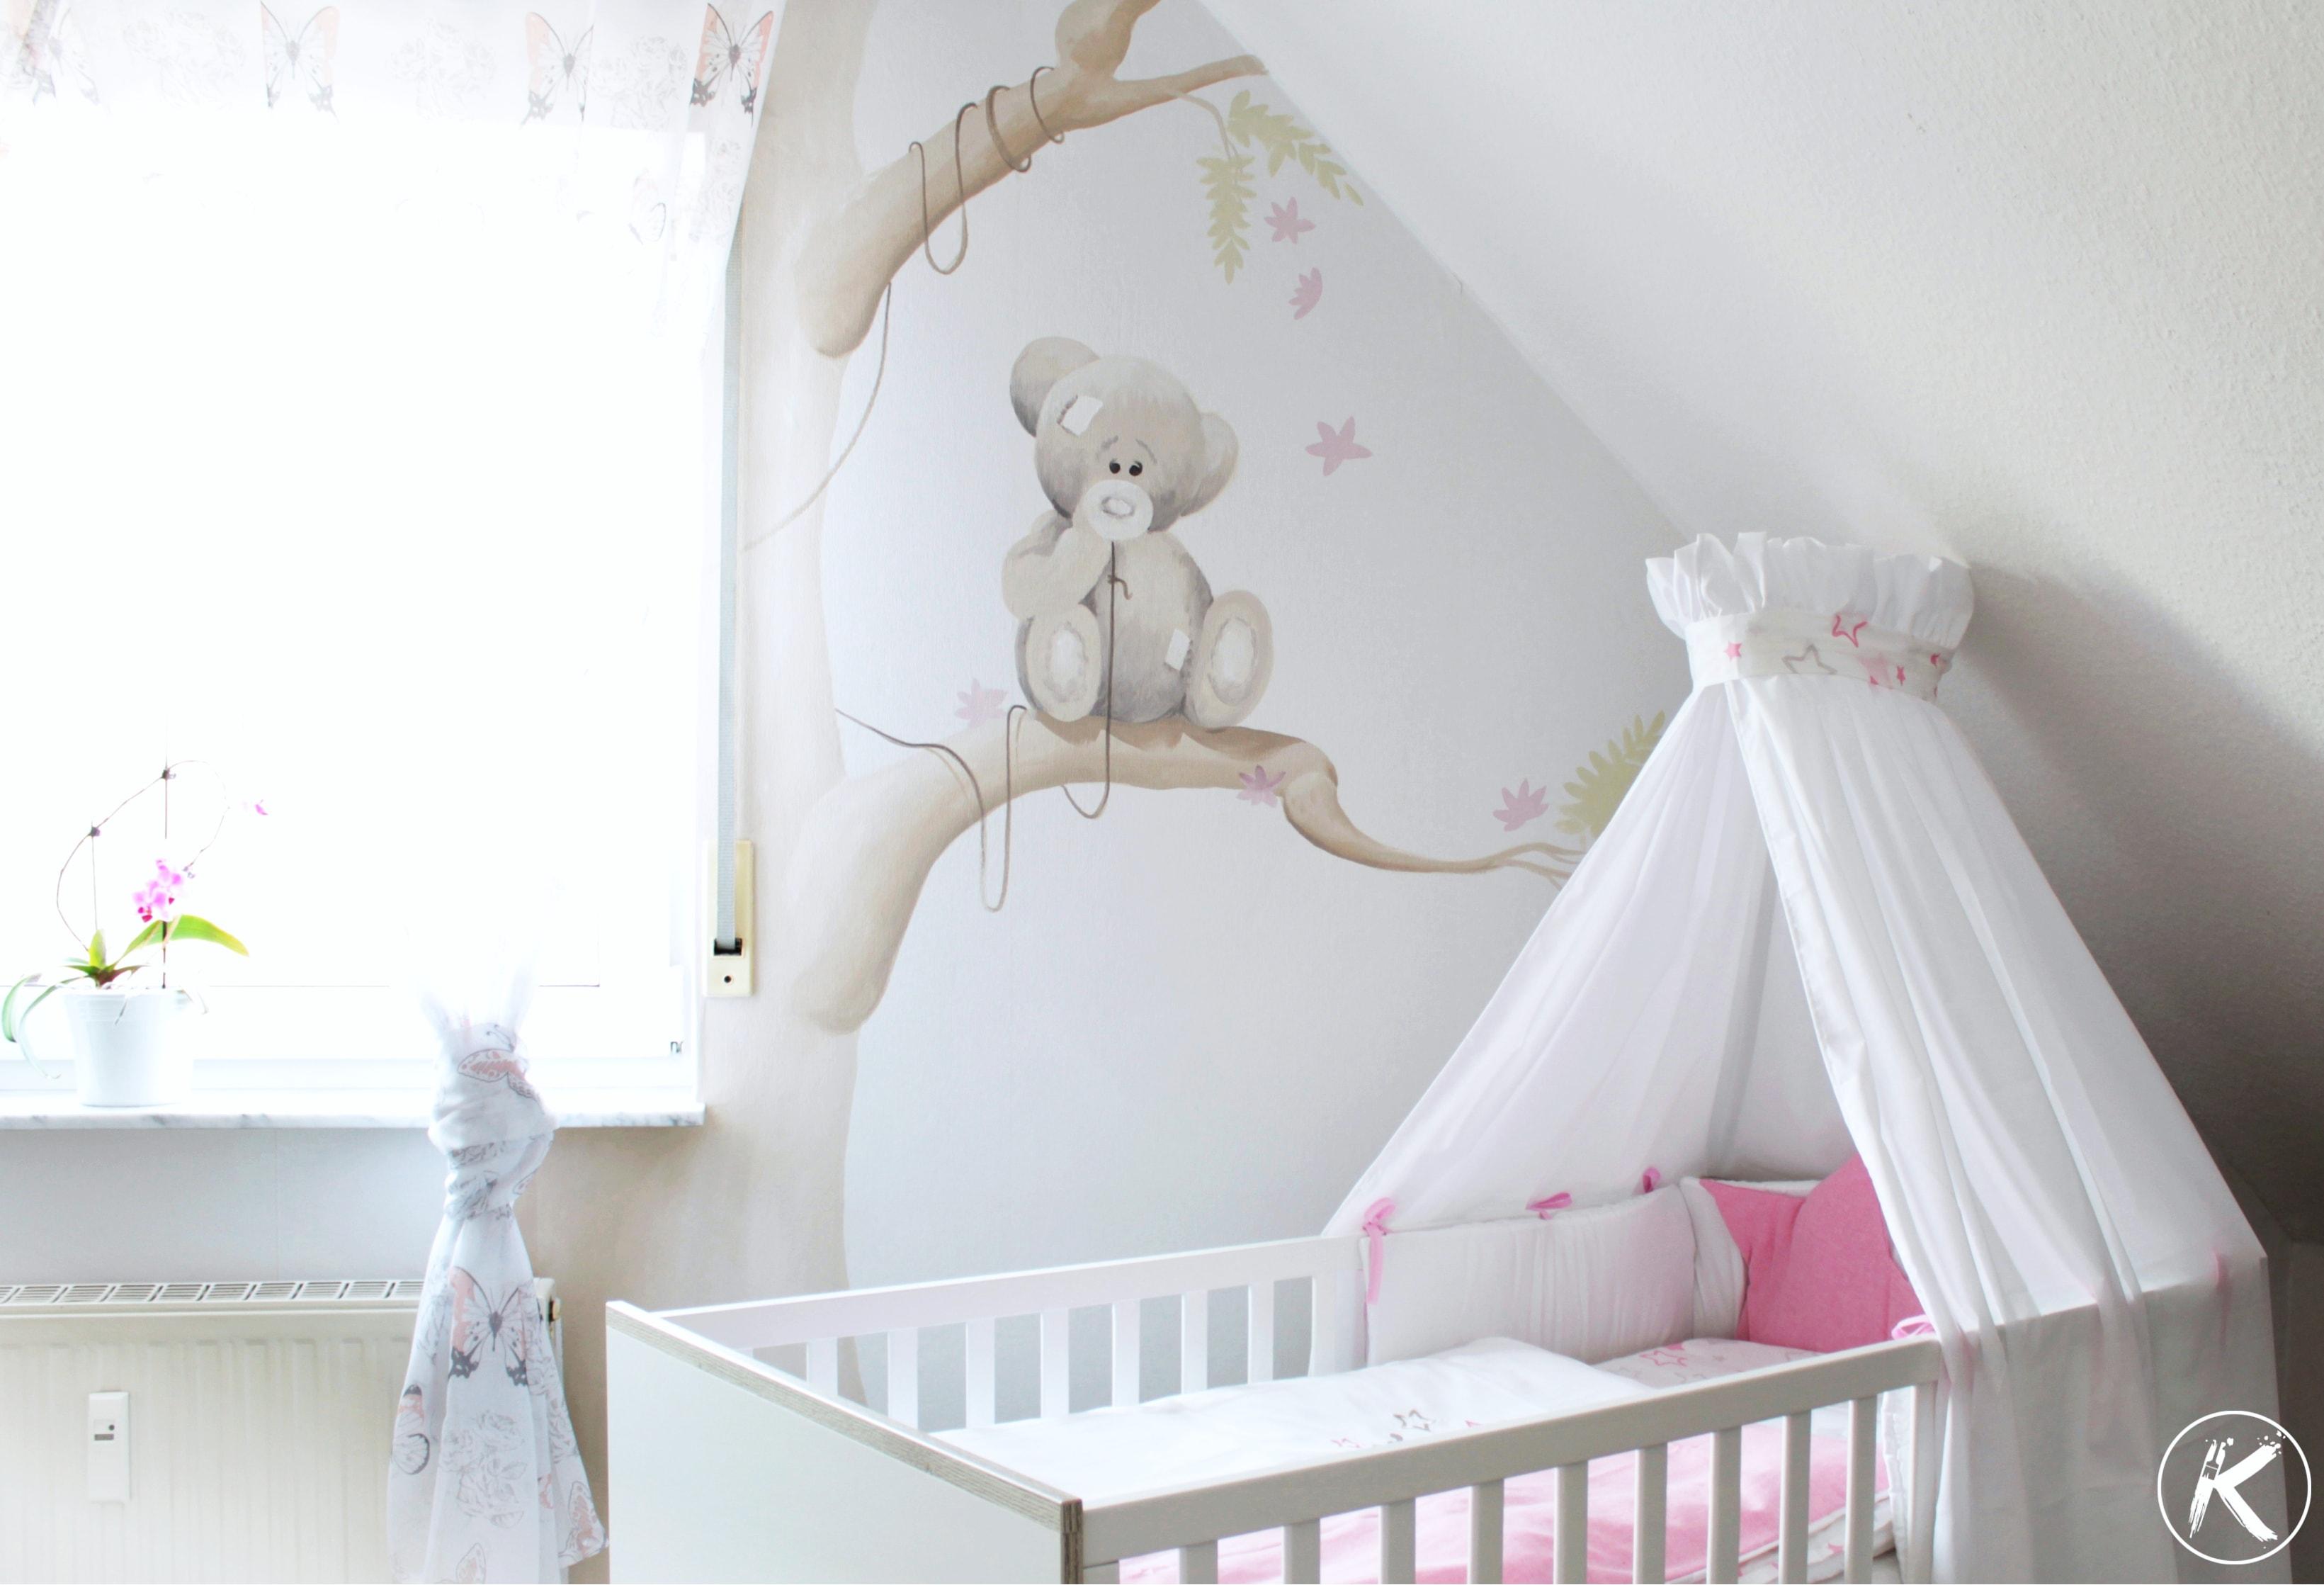 Kinderzimmer Wande Bemalen - bucherregal